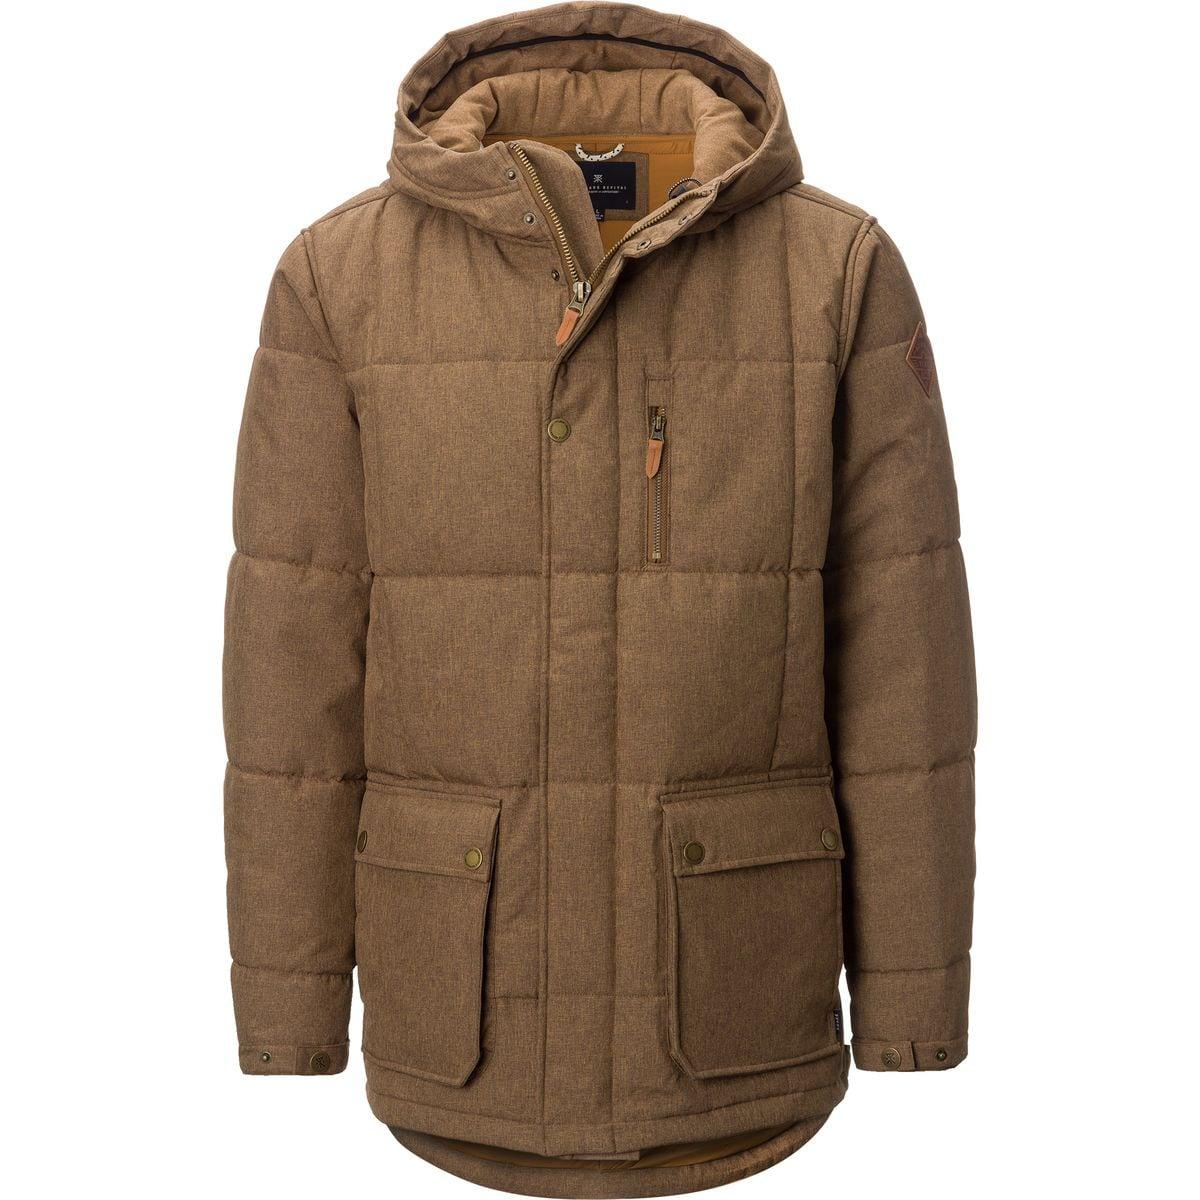 Roark Revival Mainline Insulated Jacket - Men